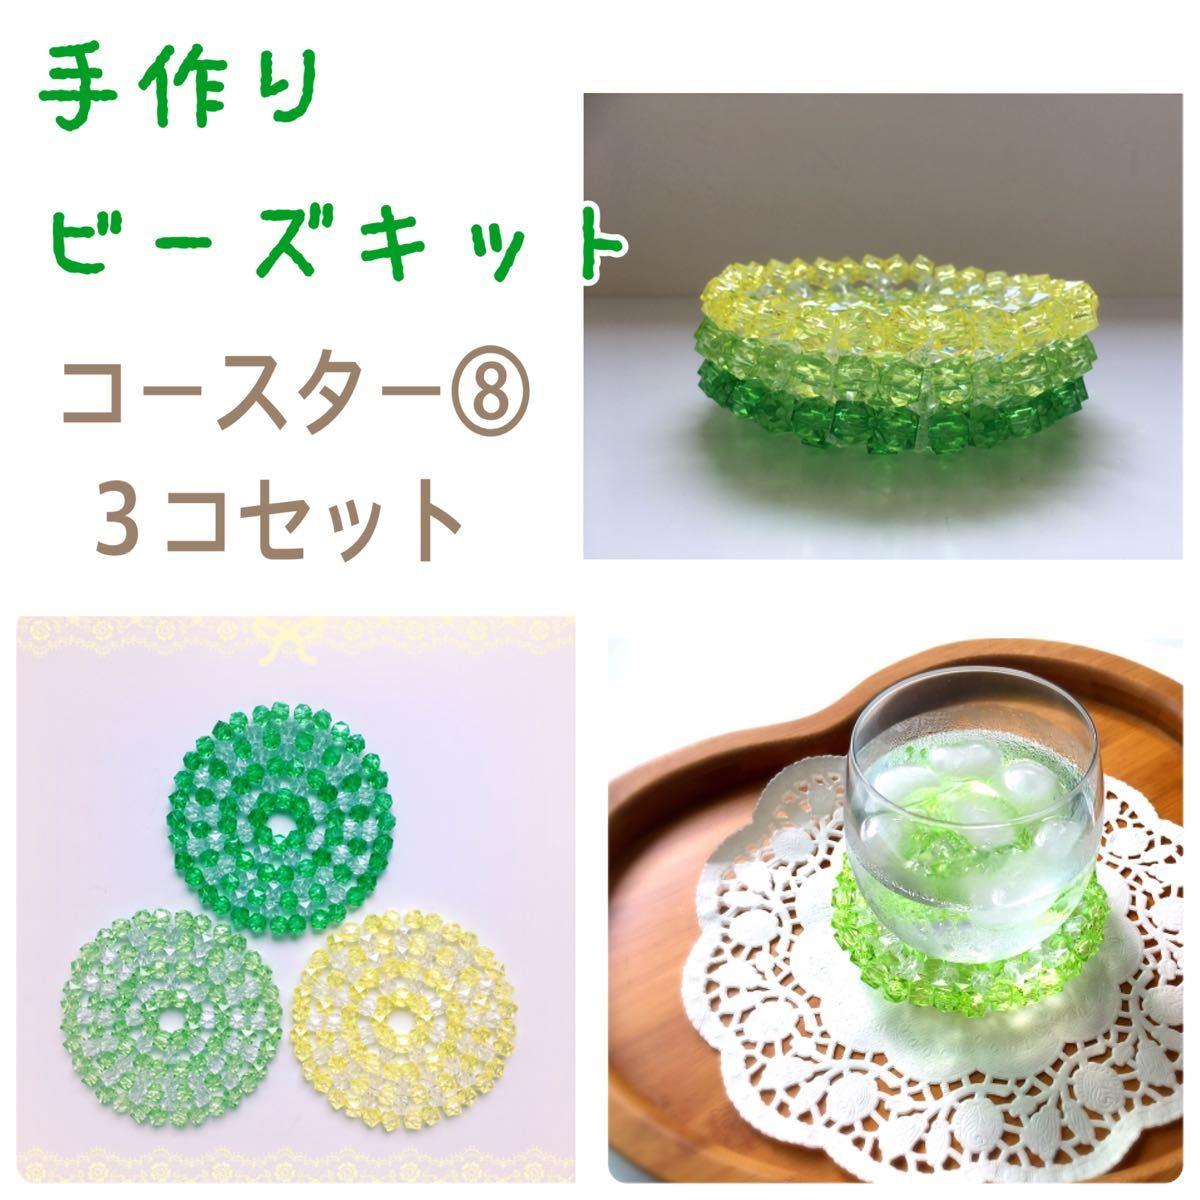 【ビーズキット】コースター2(黄色・黄緑・緑)3コセット